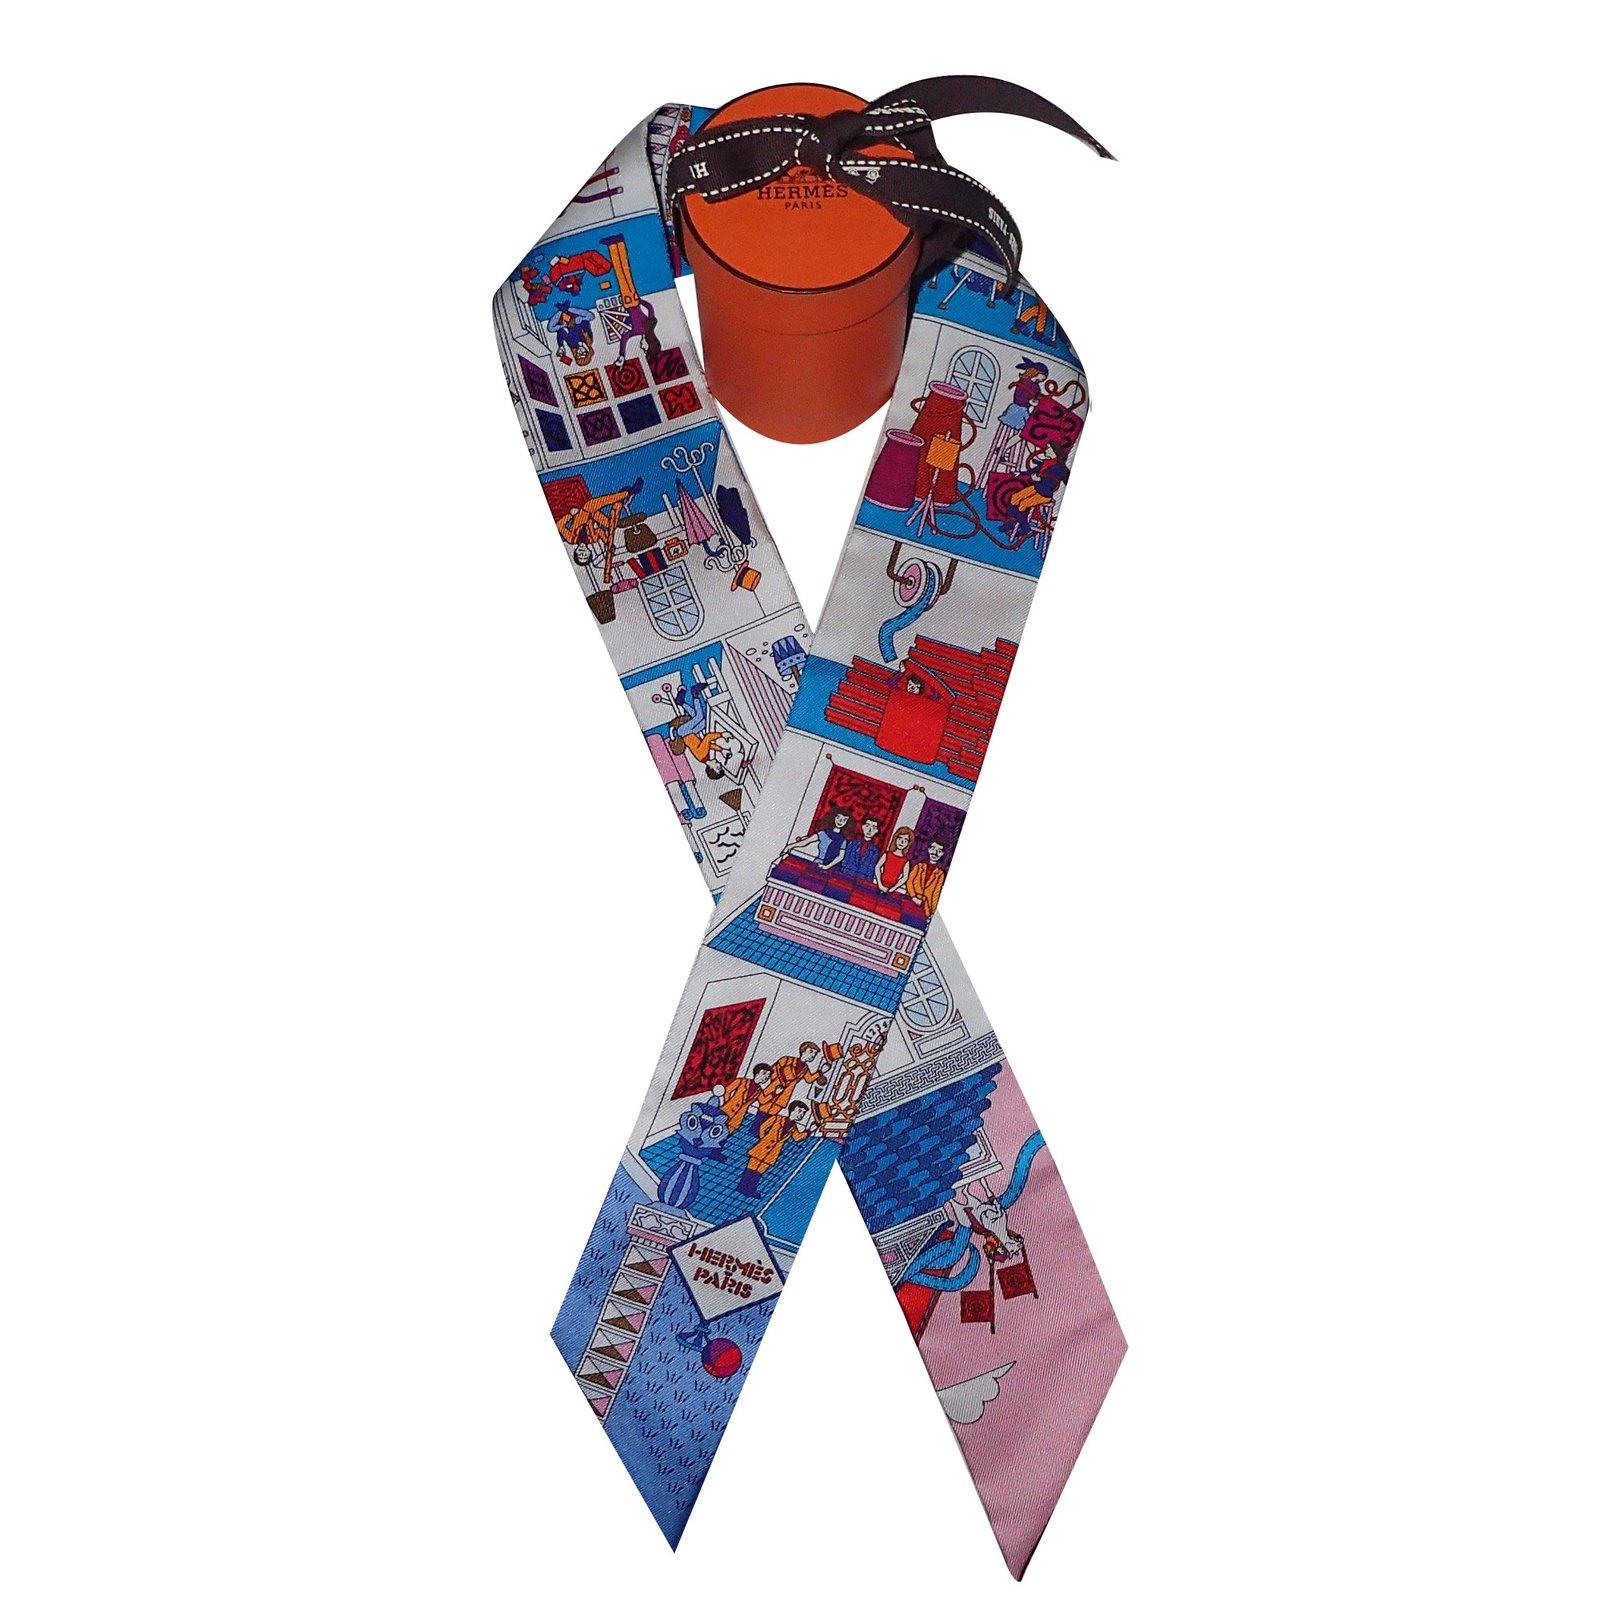 photos officielles profiter du prix le plus bas haut de gamme véritable official store hermes twilly scarf ab13f 7c143